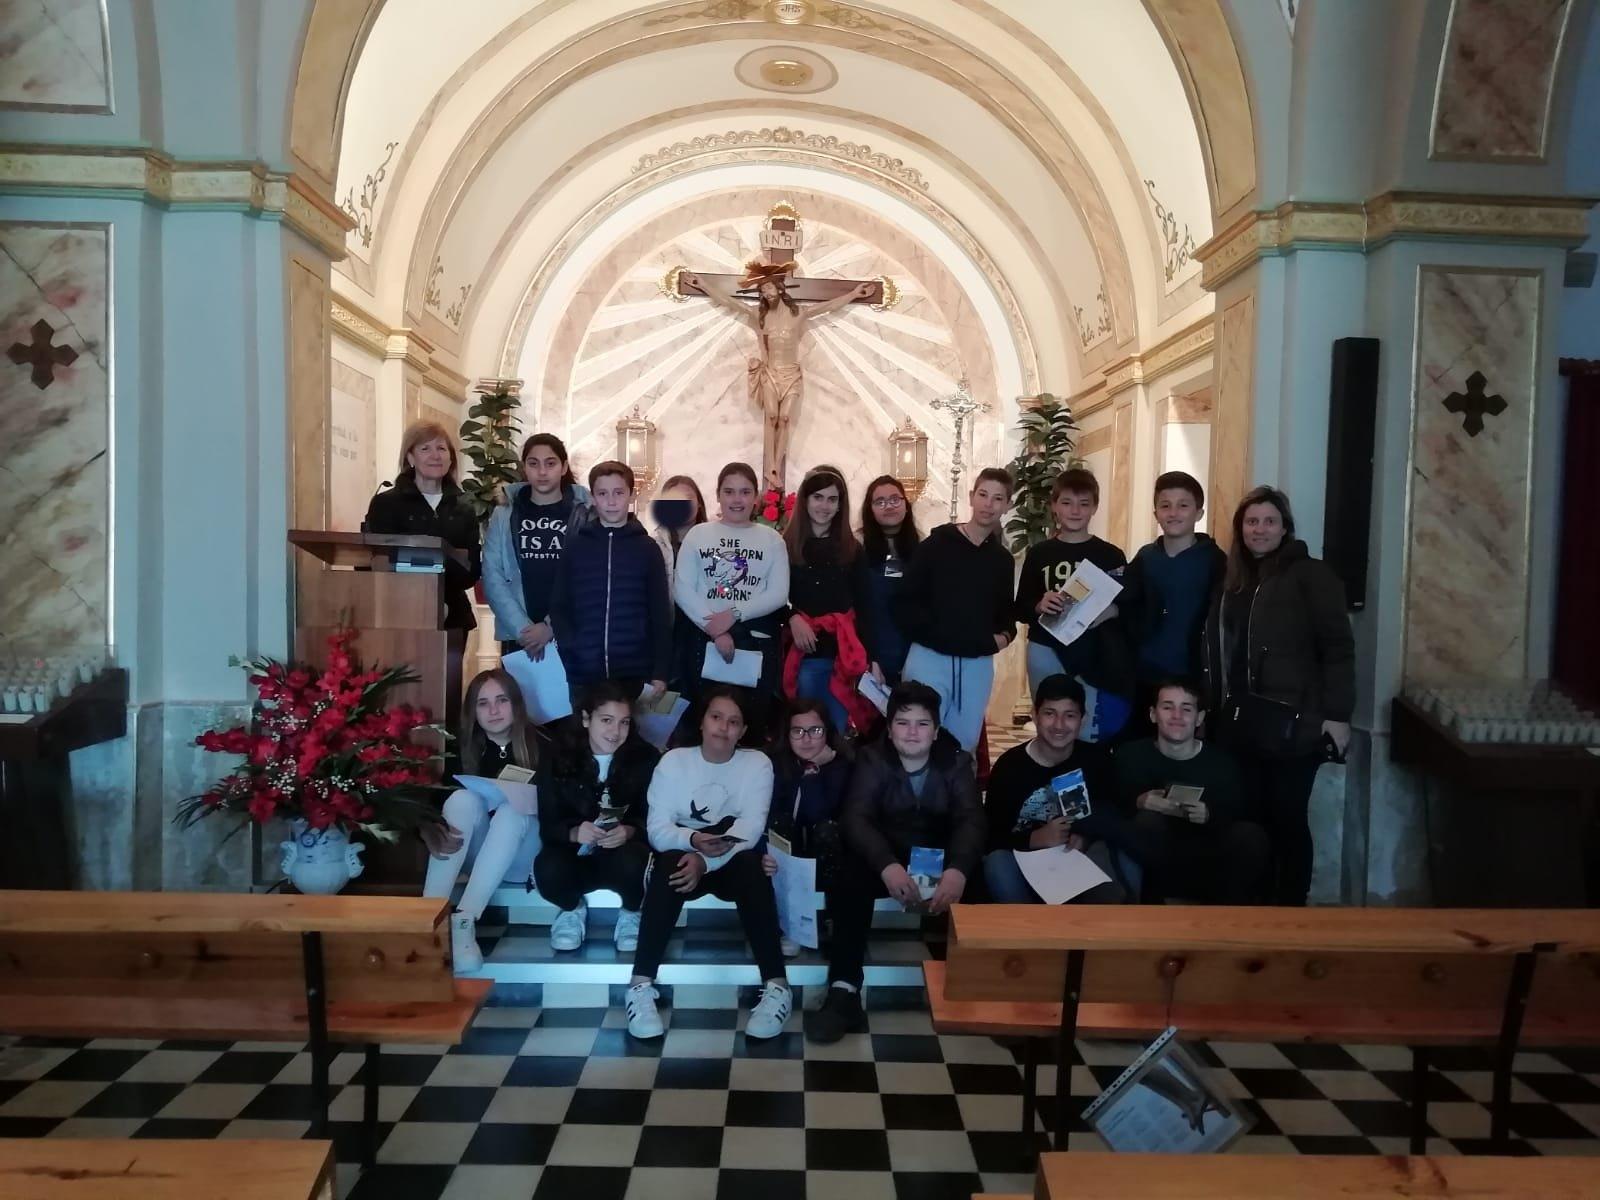 (2019-04-08) Visita ermita alumnos Yolada - 6 - Virrey Poveda - María Isabel Berenguer (01)